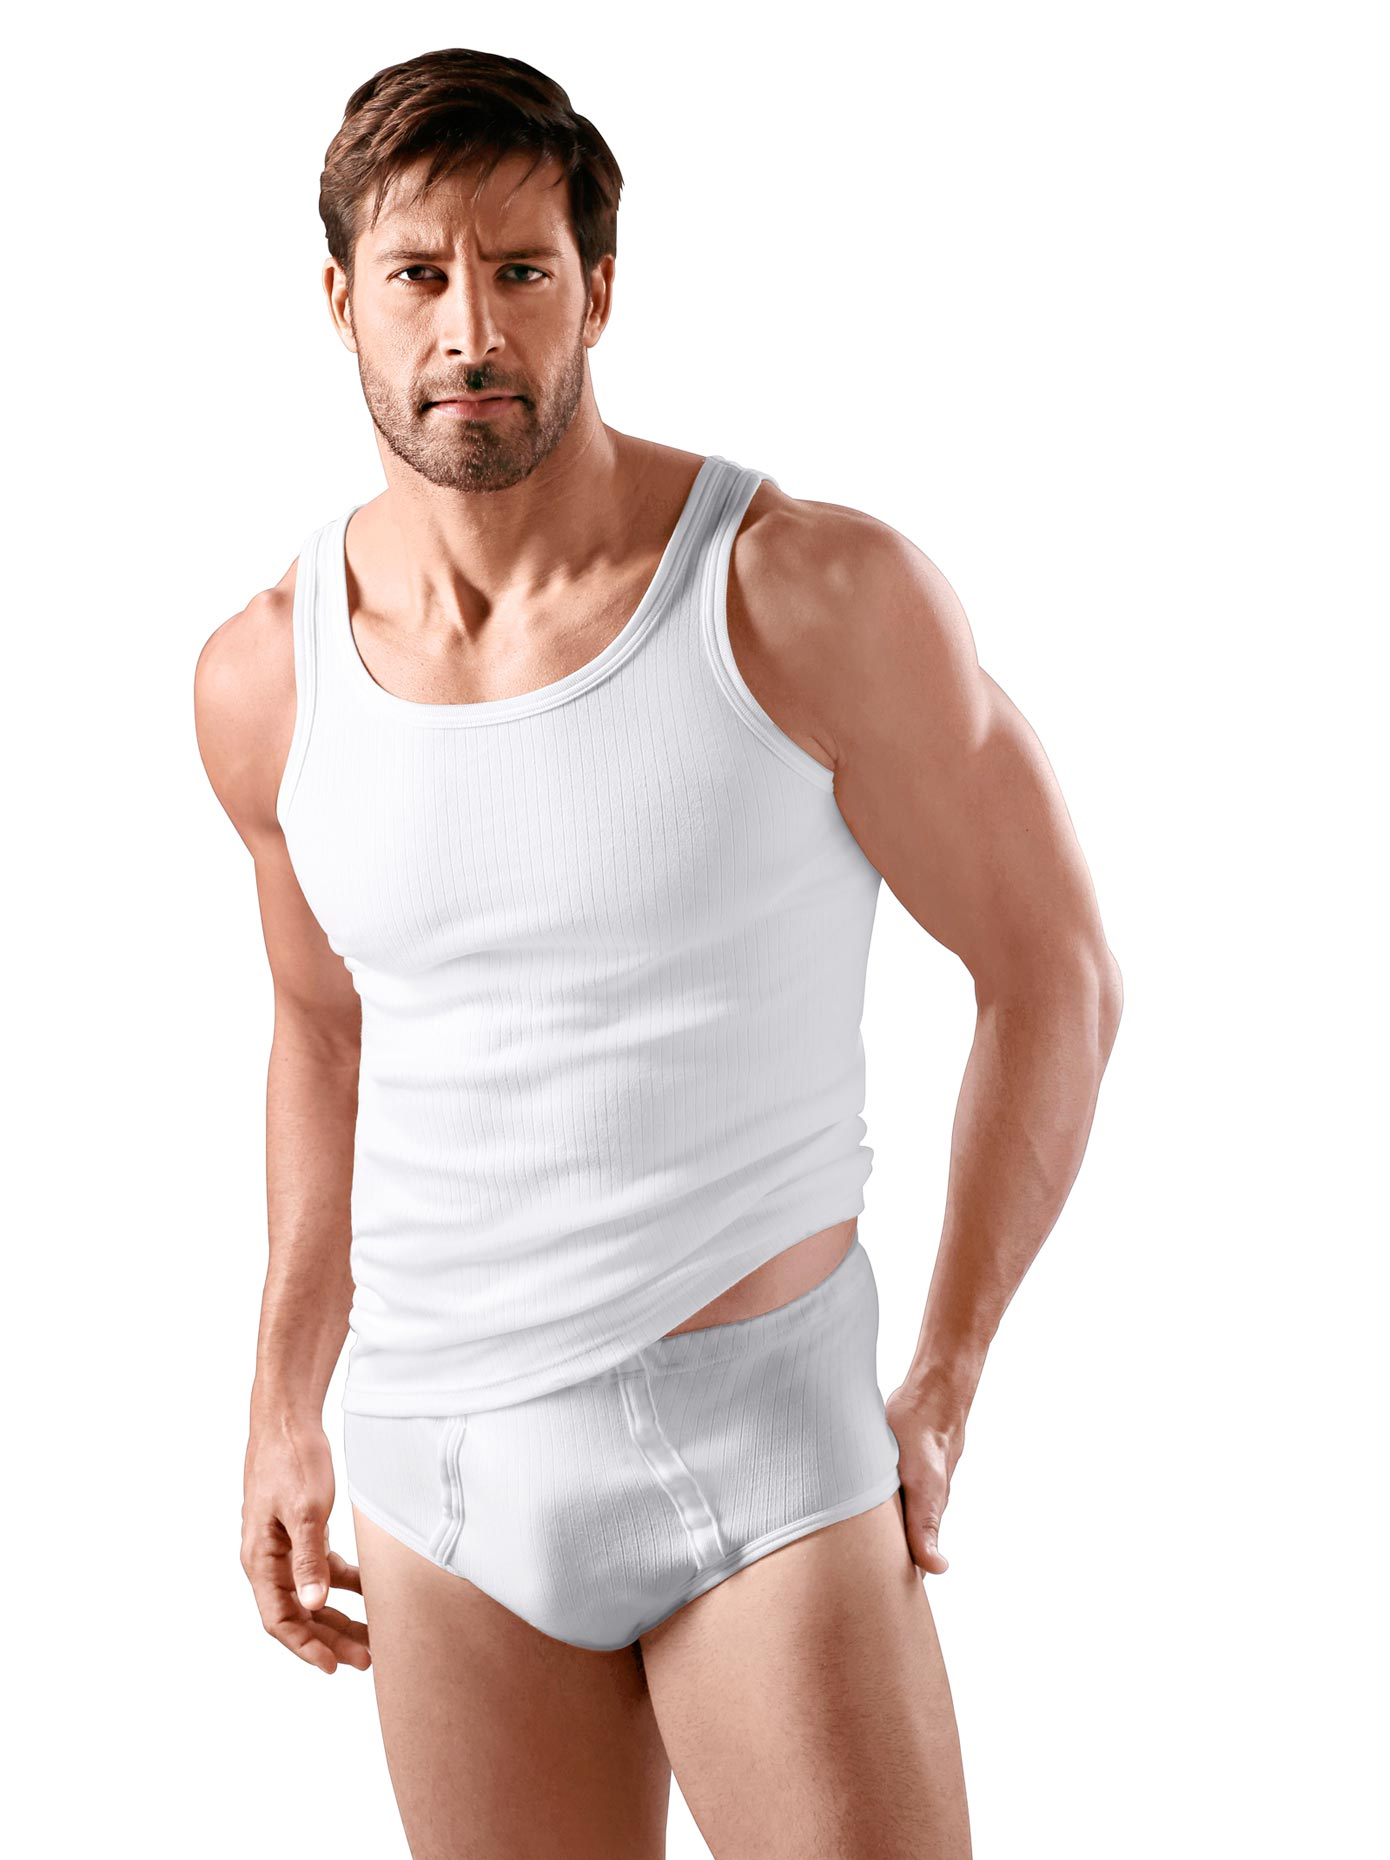 Unterhemden | Bekleidung > Wäsche | Thieme